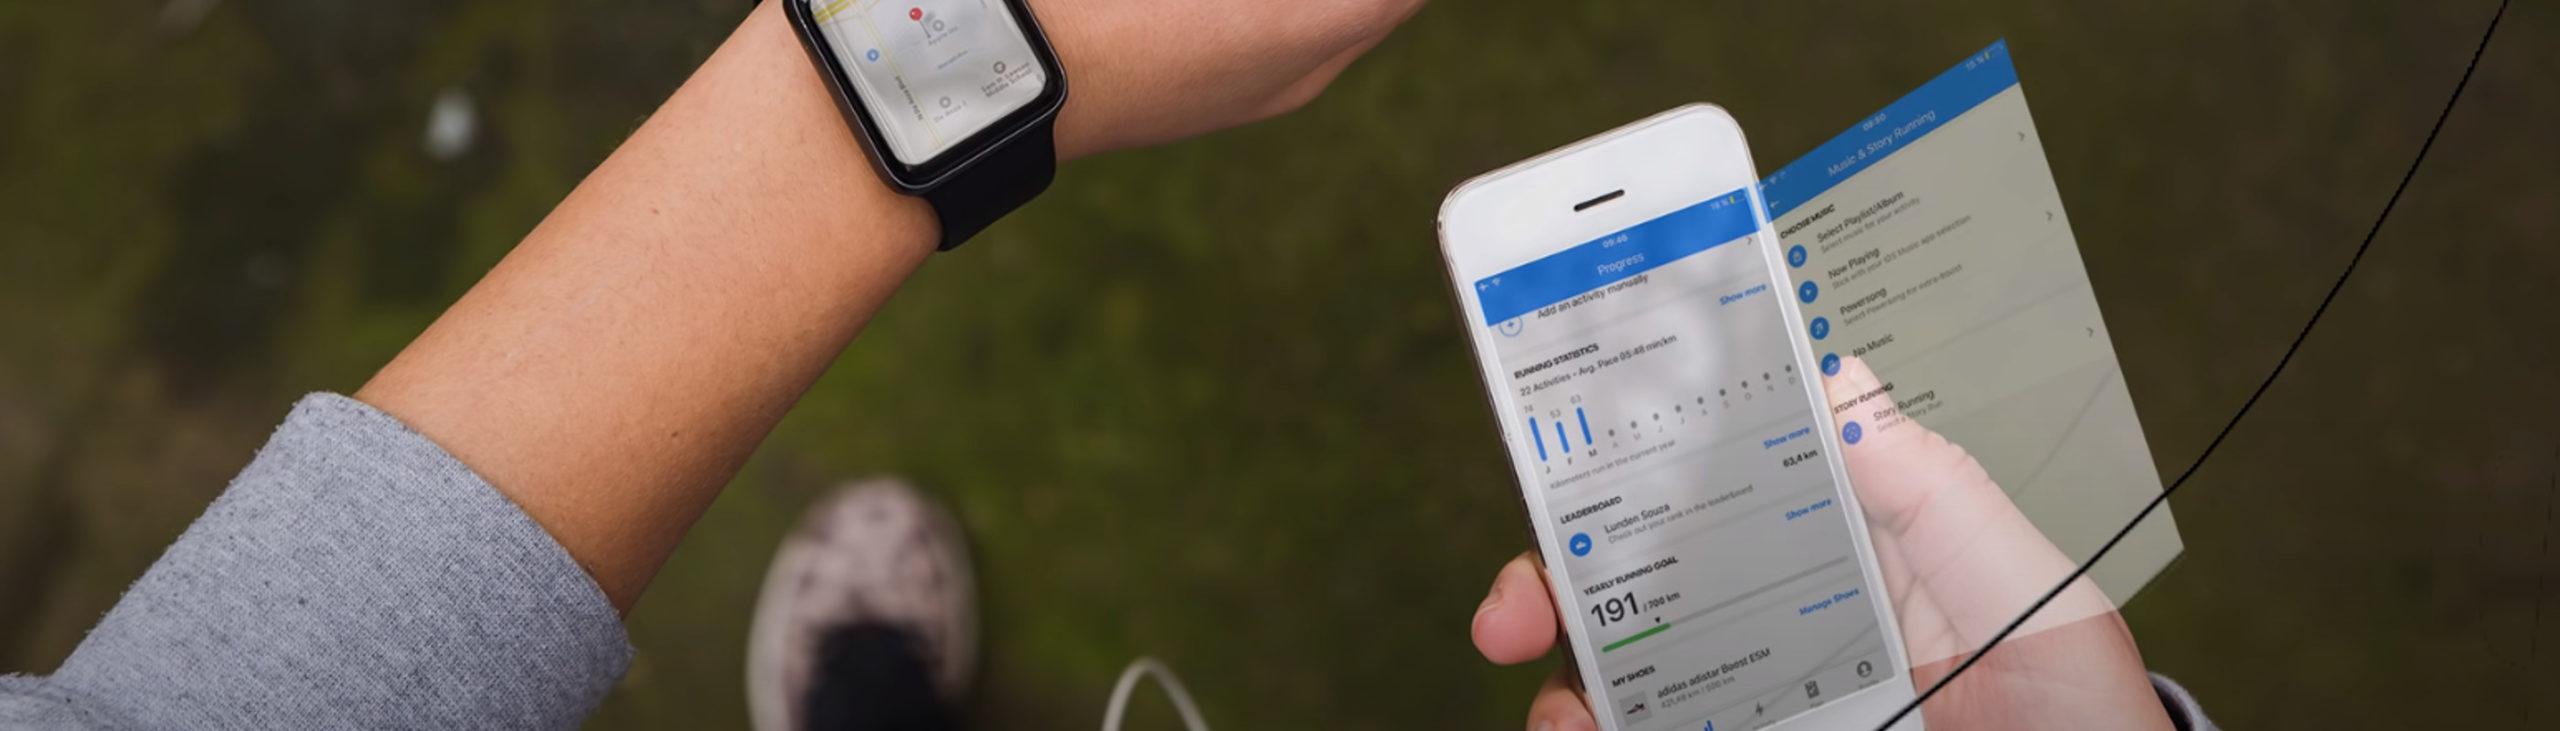 20 aplicaciones de realidad aumentada para Iphone | 26